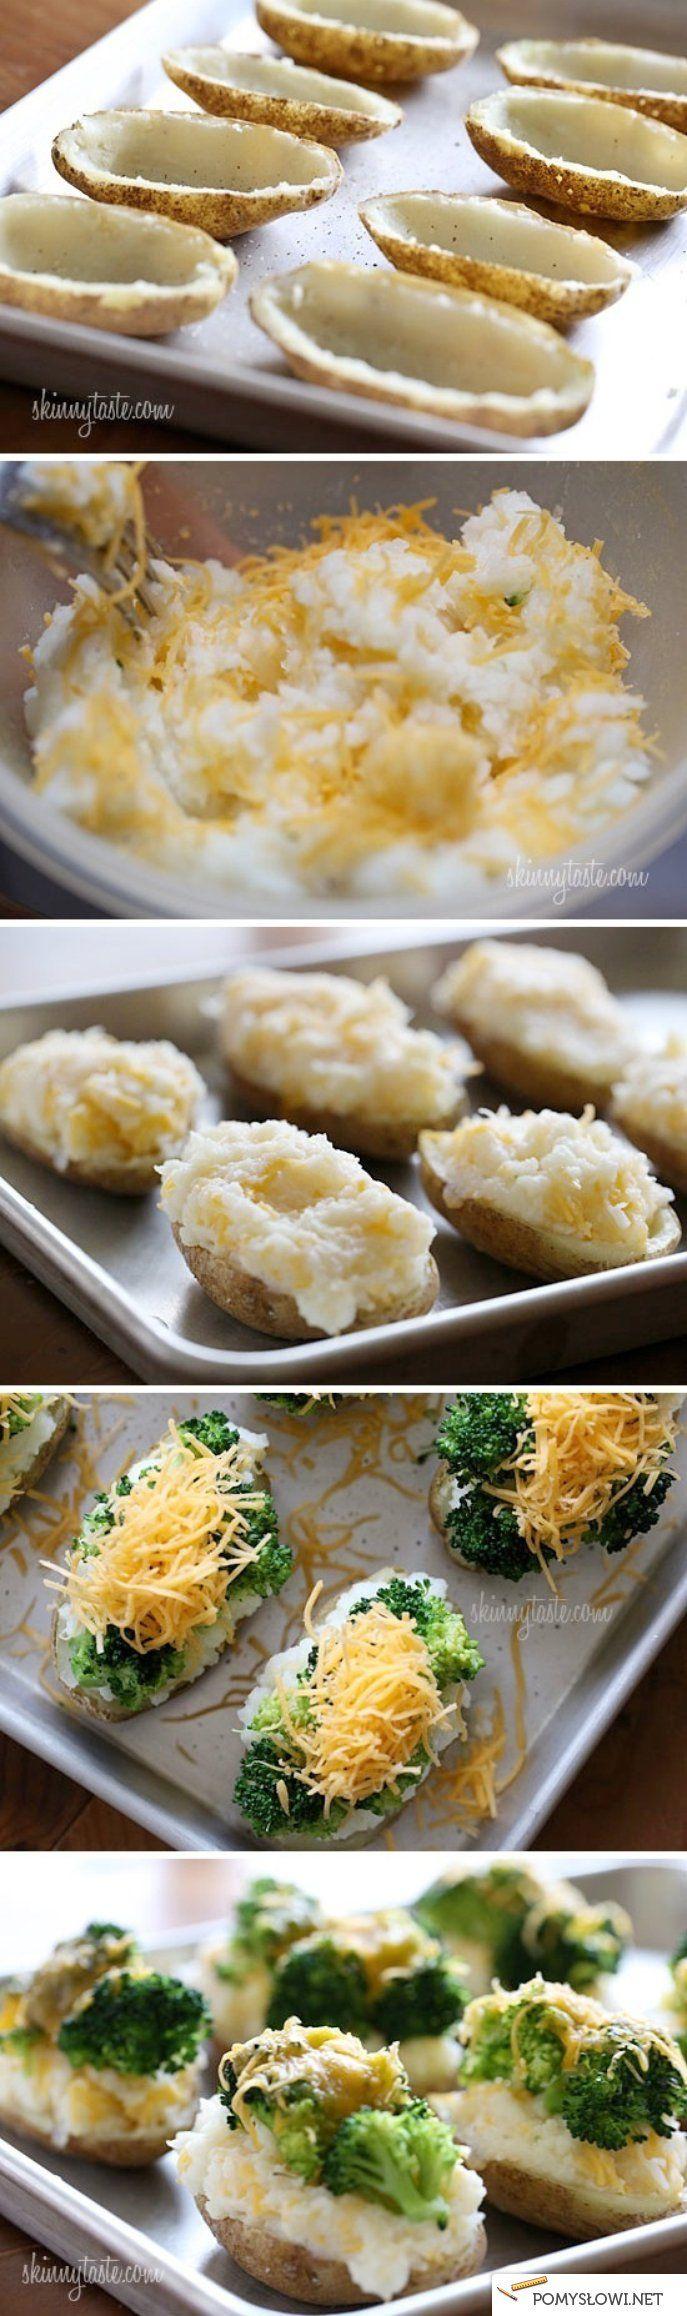 ziemniaczki nadziewane brokułami i serem ;__;